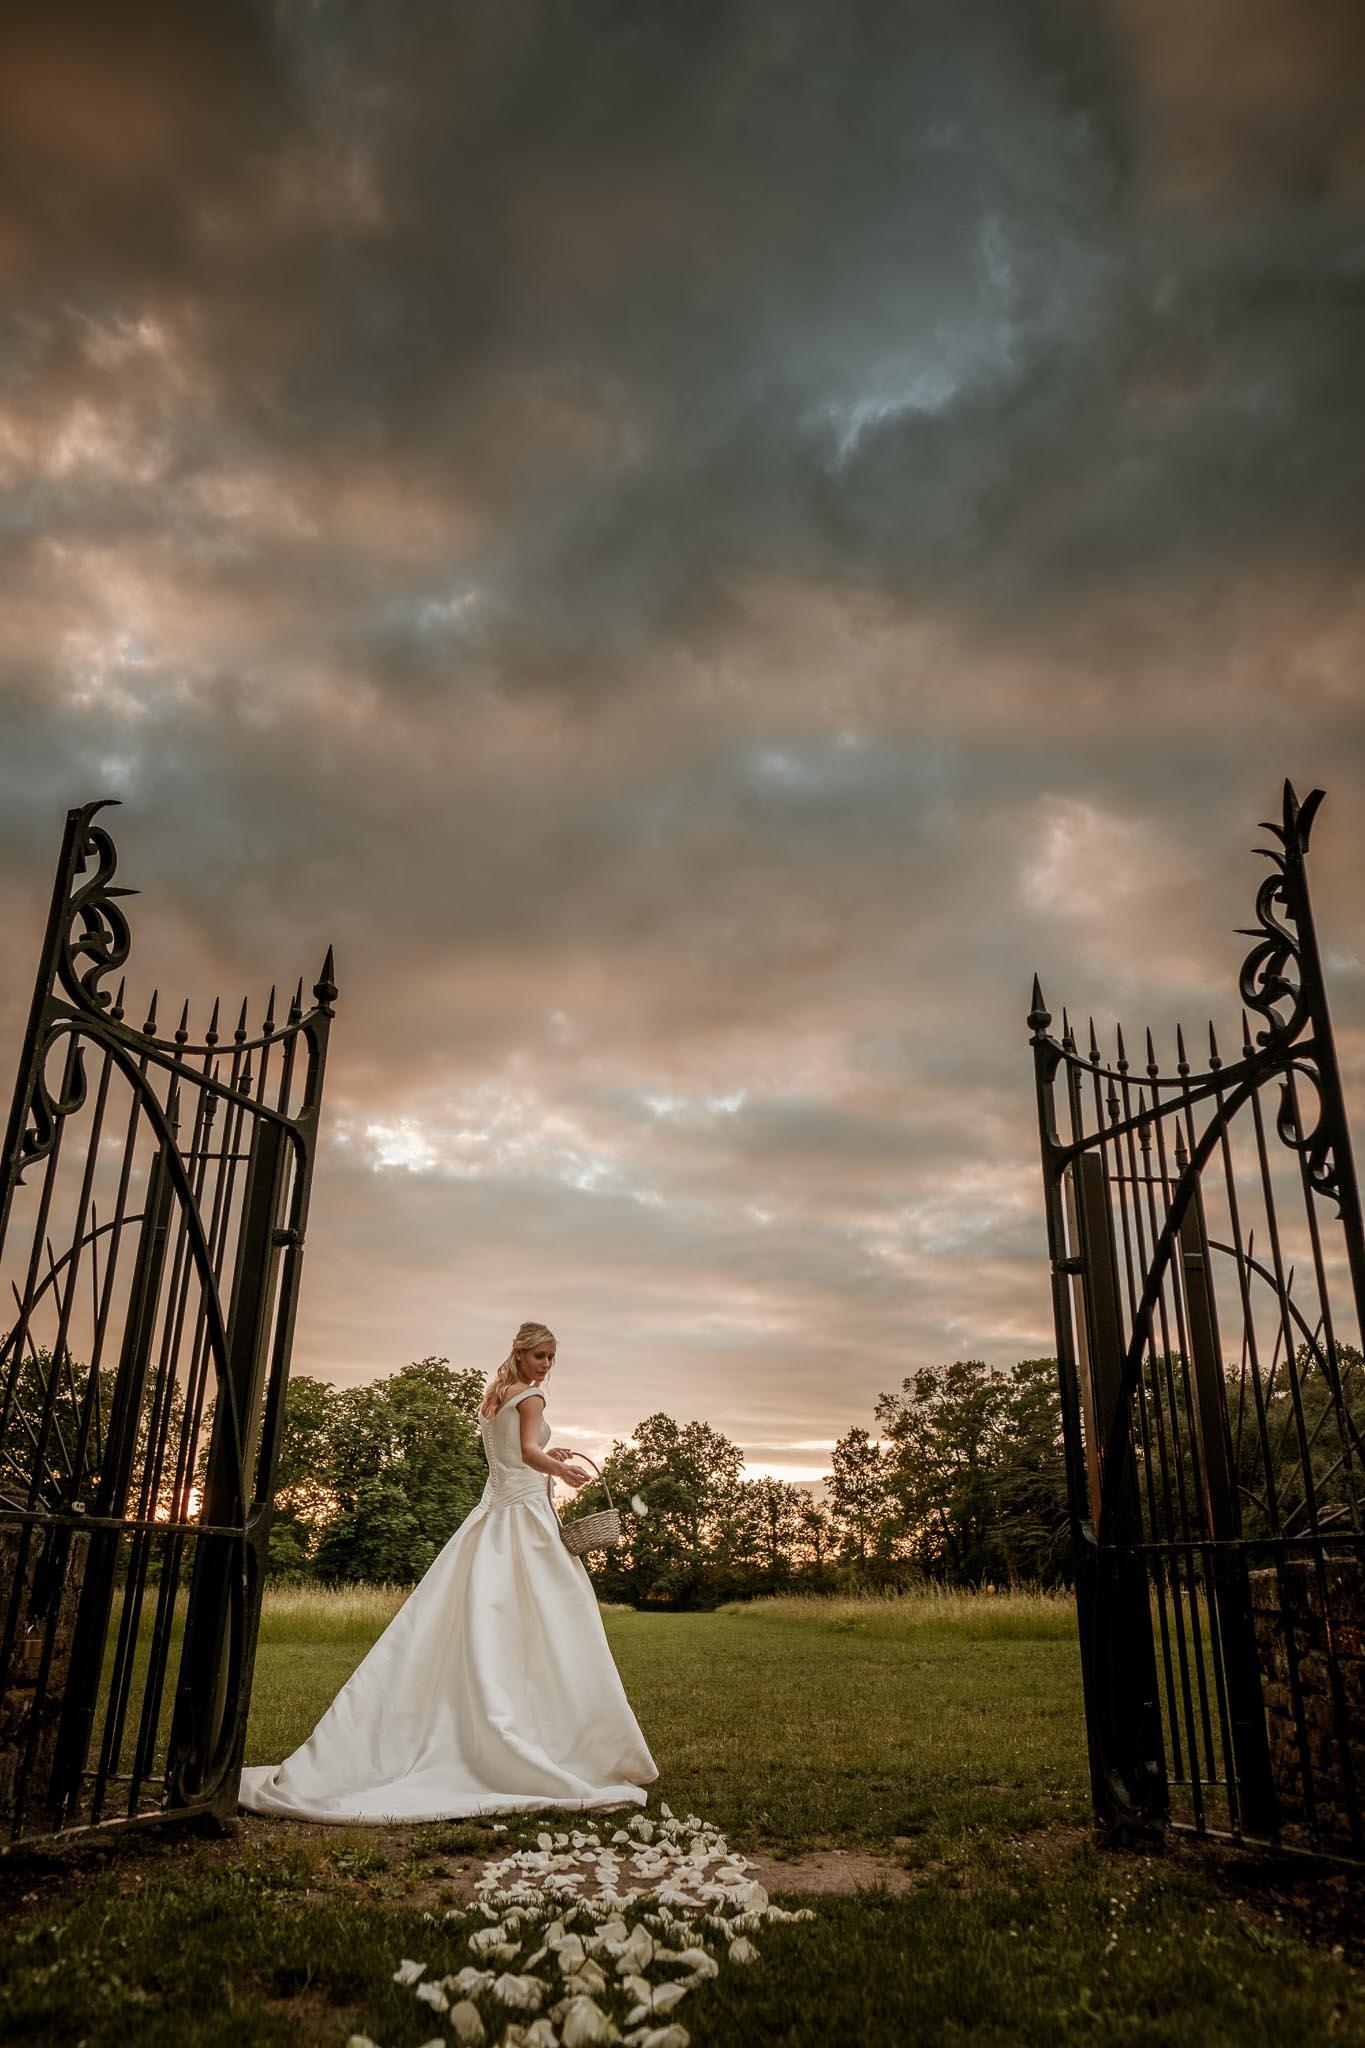 photos de princesse lors d'une séance couple de mariage mise en scène inspiré des univers de la littérature et des contes au Château de Vair à Anetz par Geoffrey Arnoldy photographe